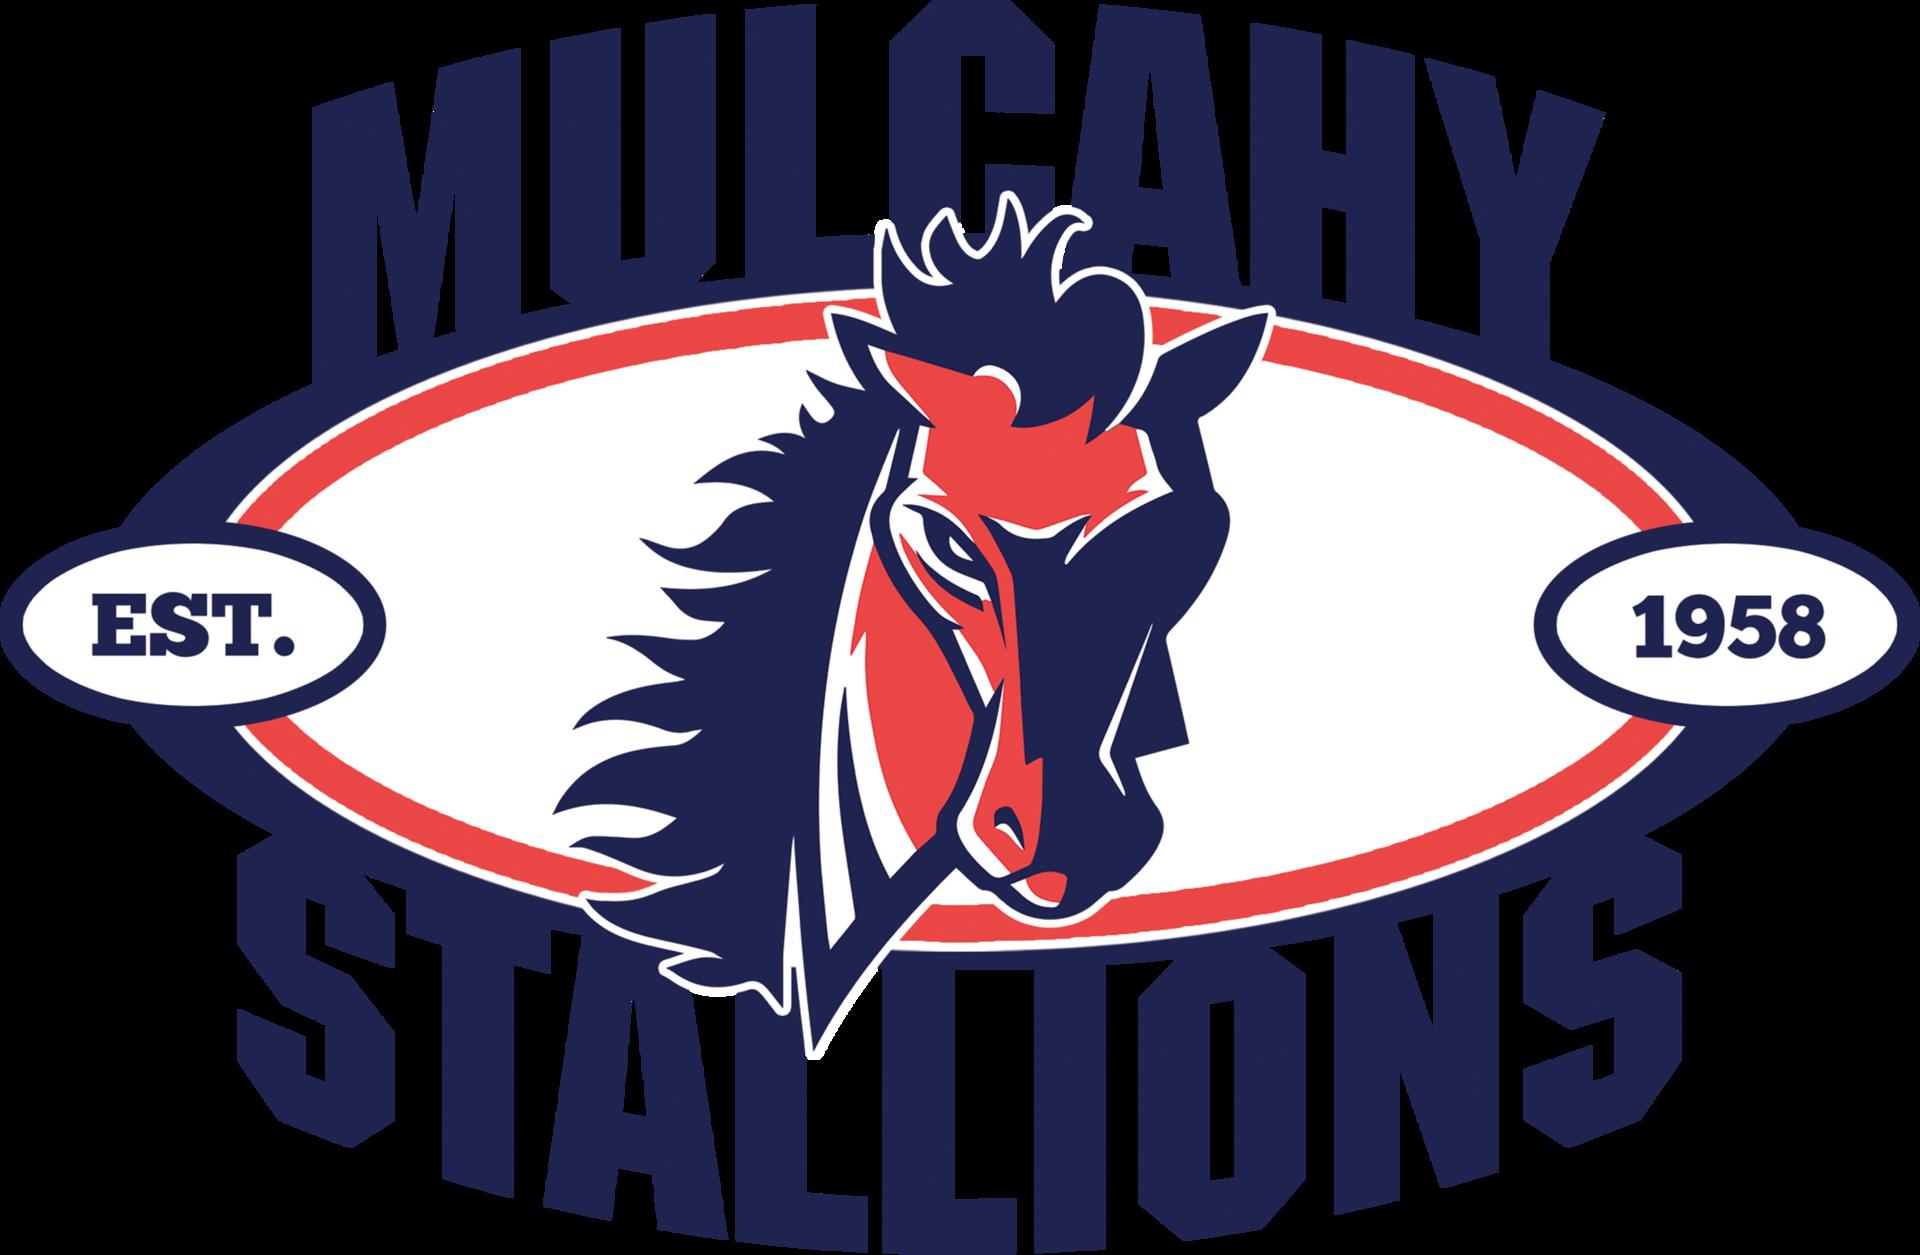 Mulcahy Stallions